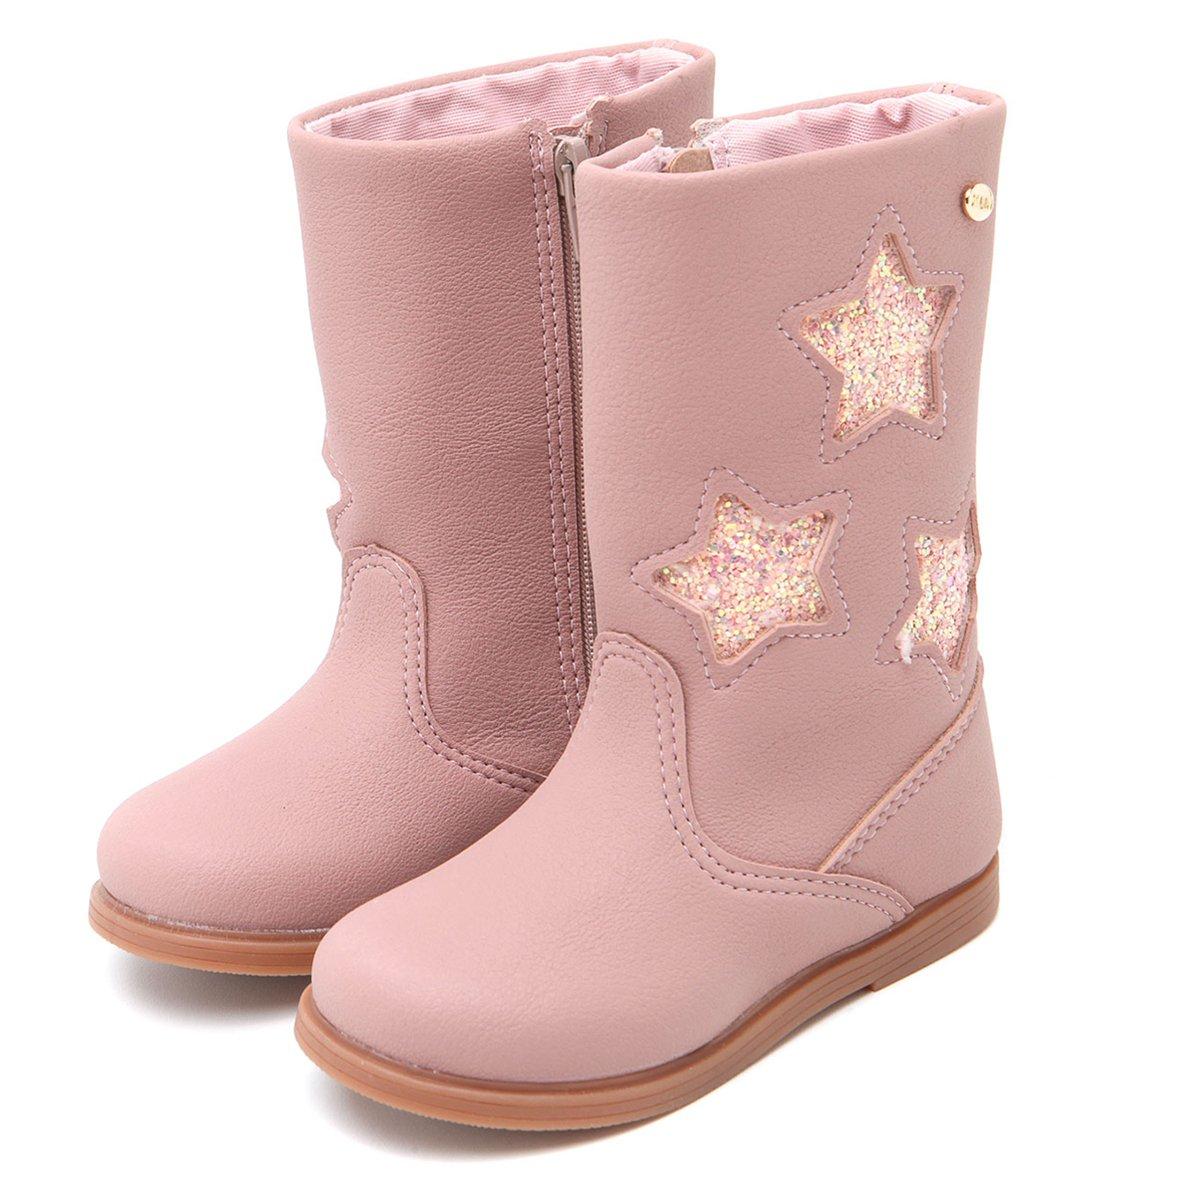 07926b29f Bota Infantil Klin Miss Fashion Estrela Rosa - Compre Agora